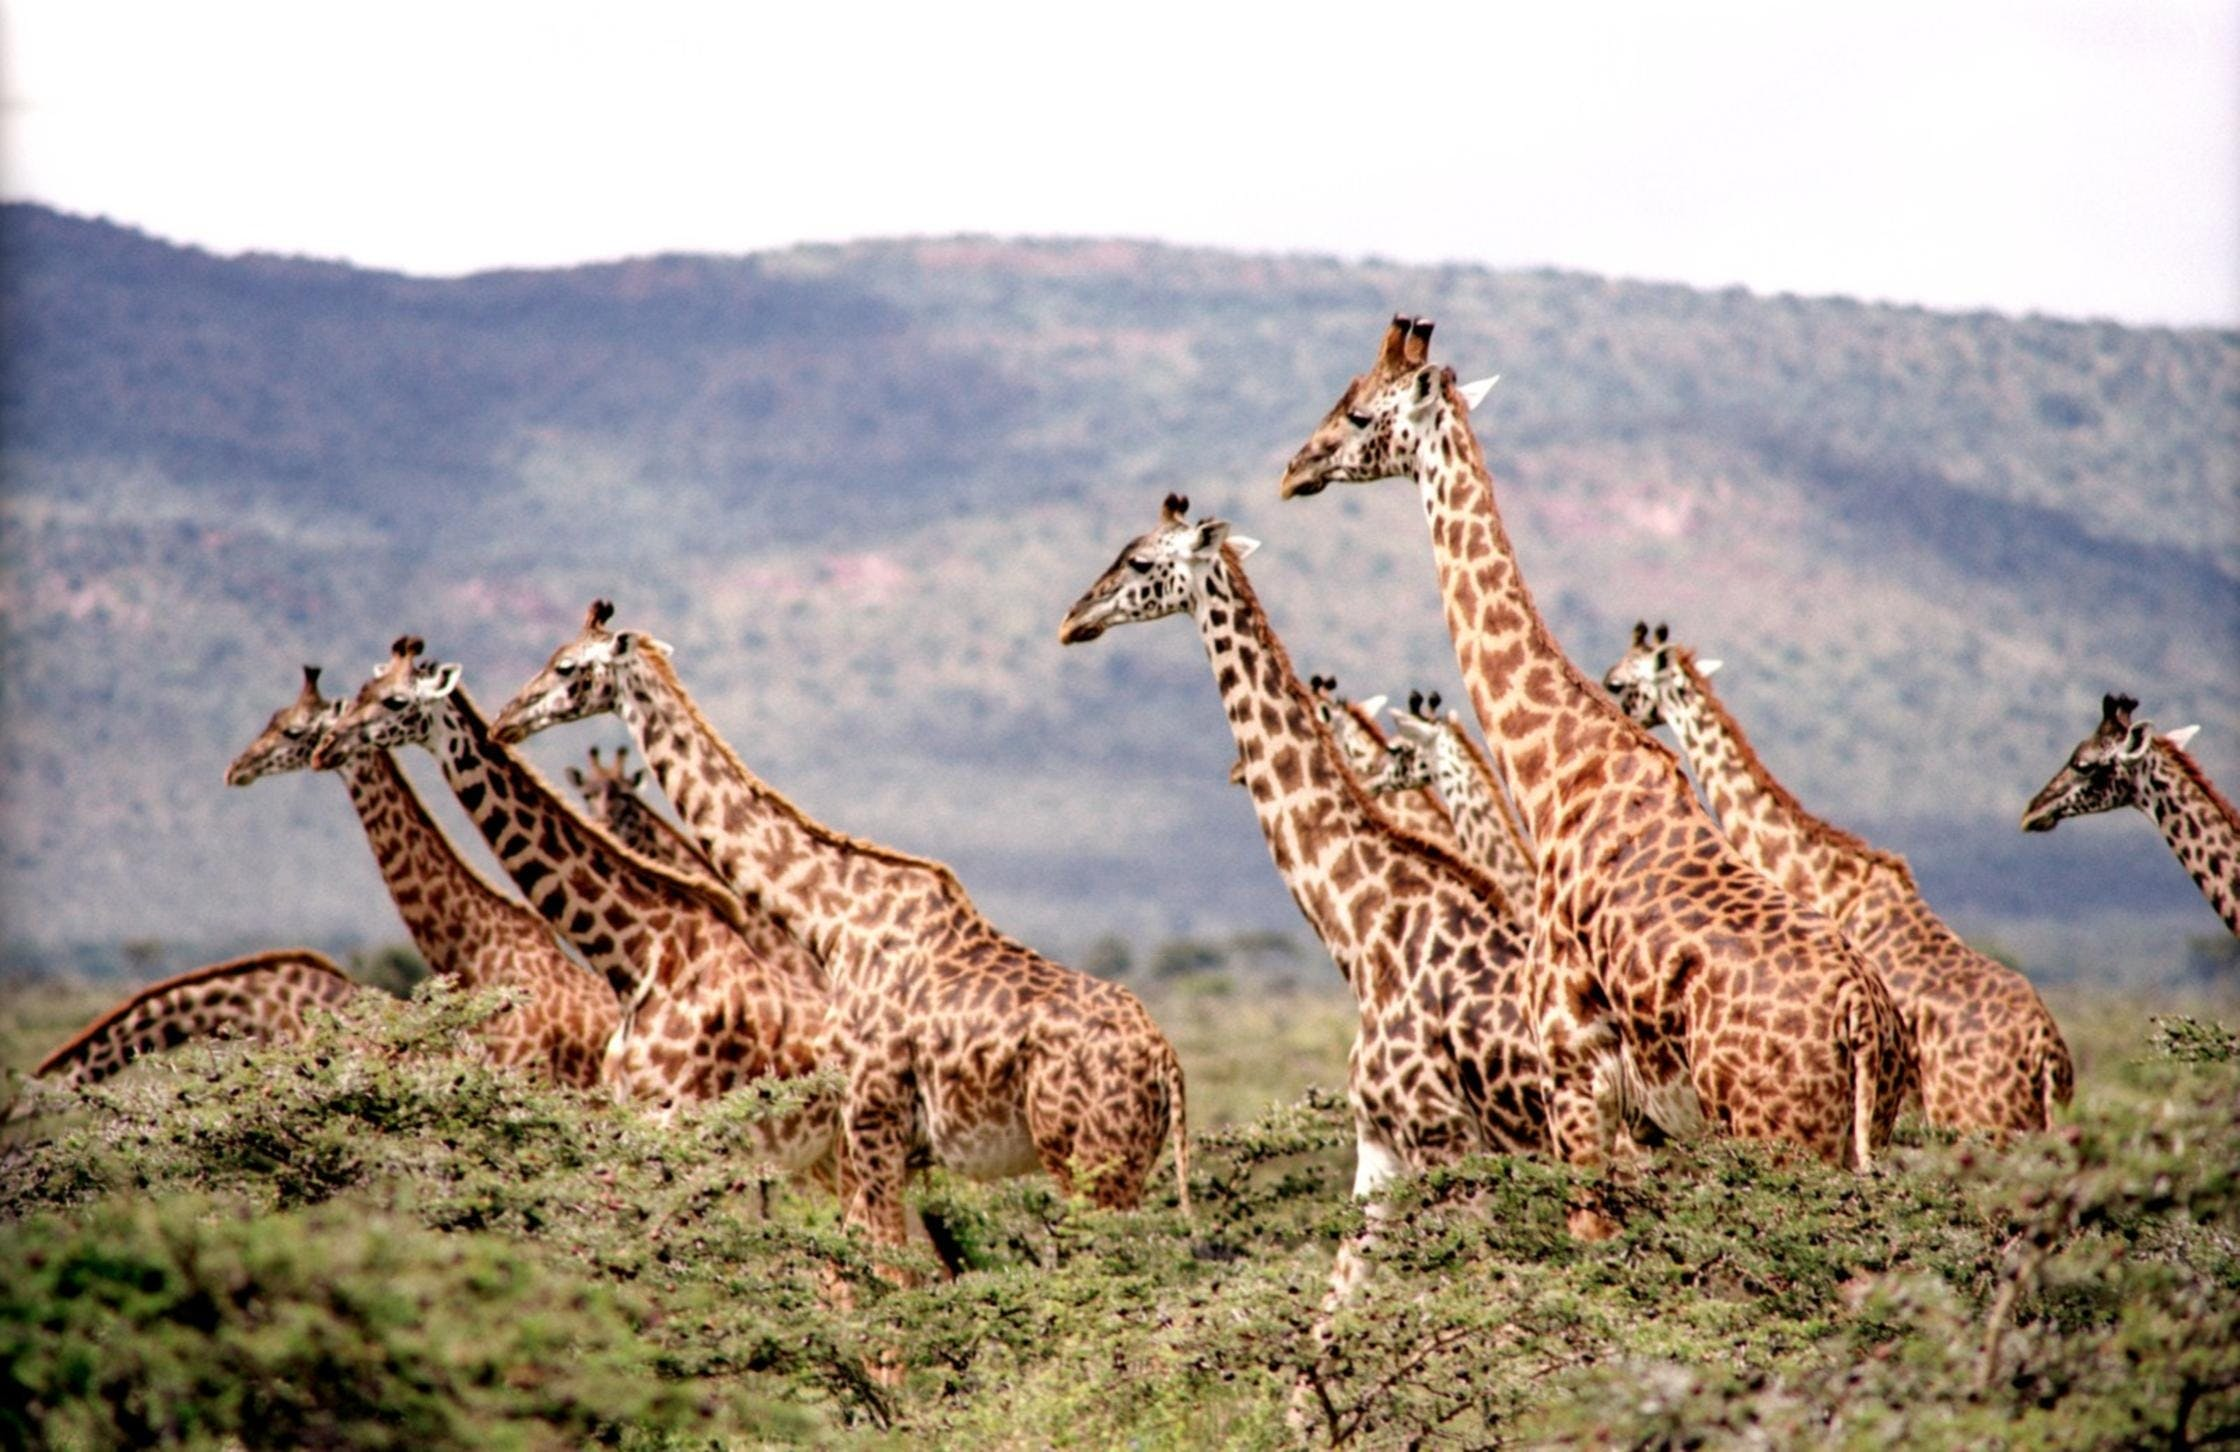 Gratis stockfoto met Afrika, beesten, dieren in het wild, giraffen